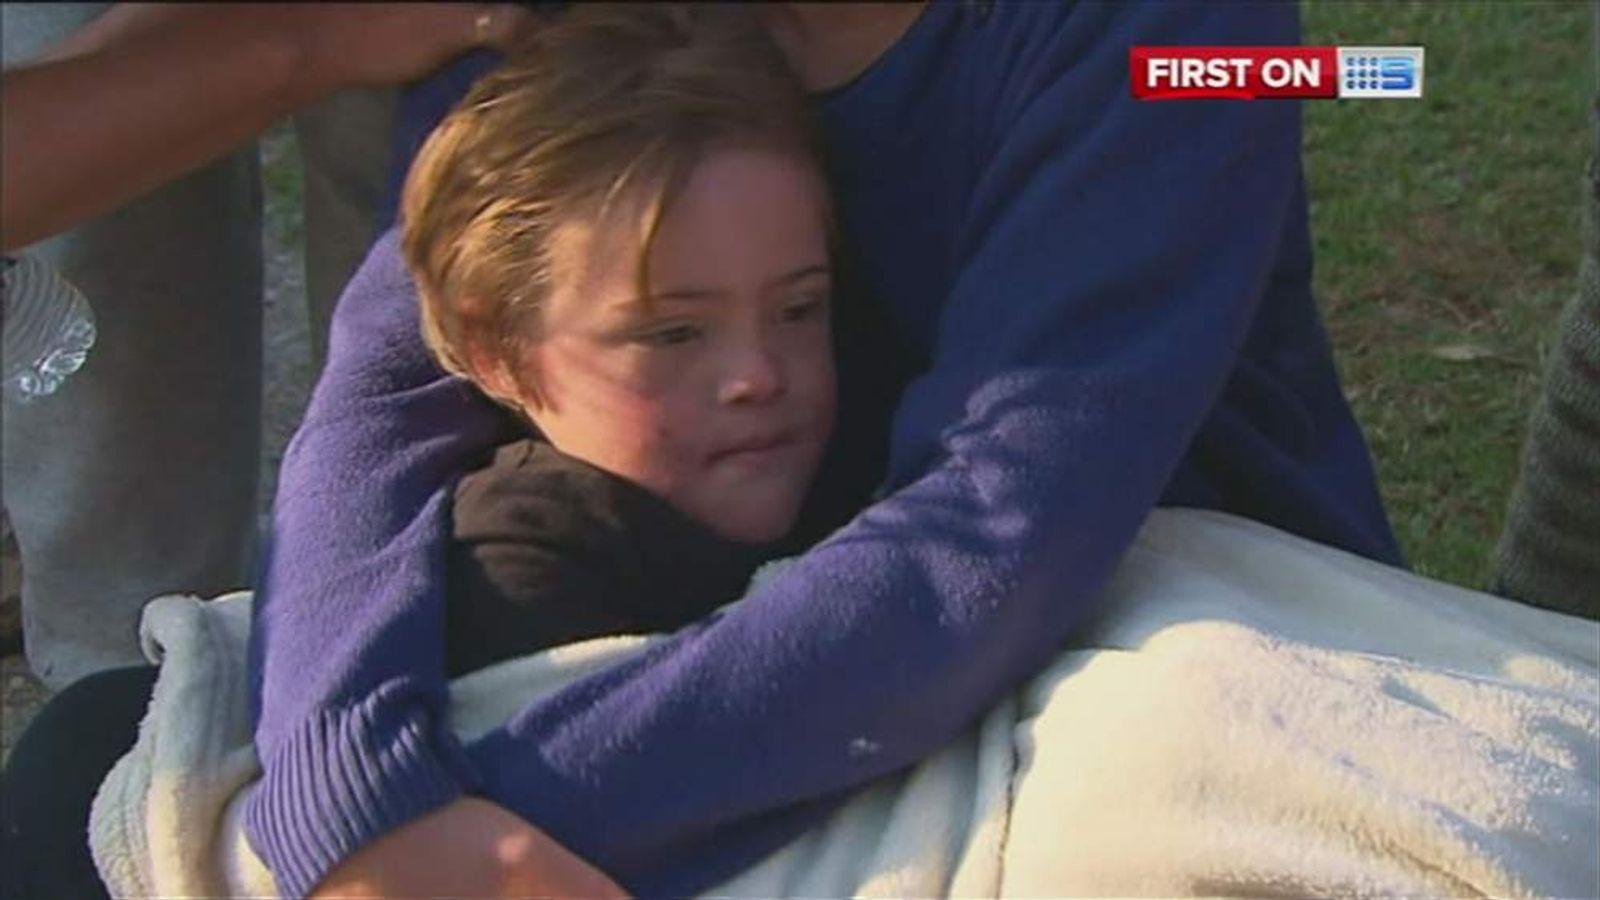 Missing Australian boy Riley Martin found